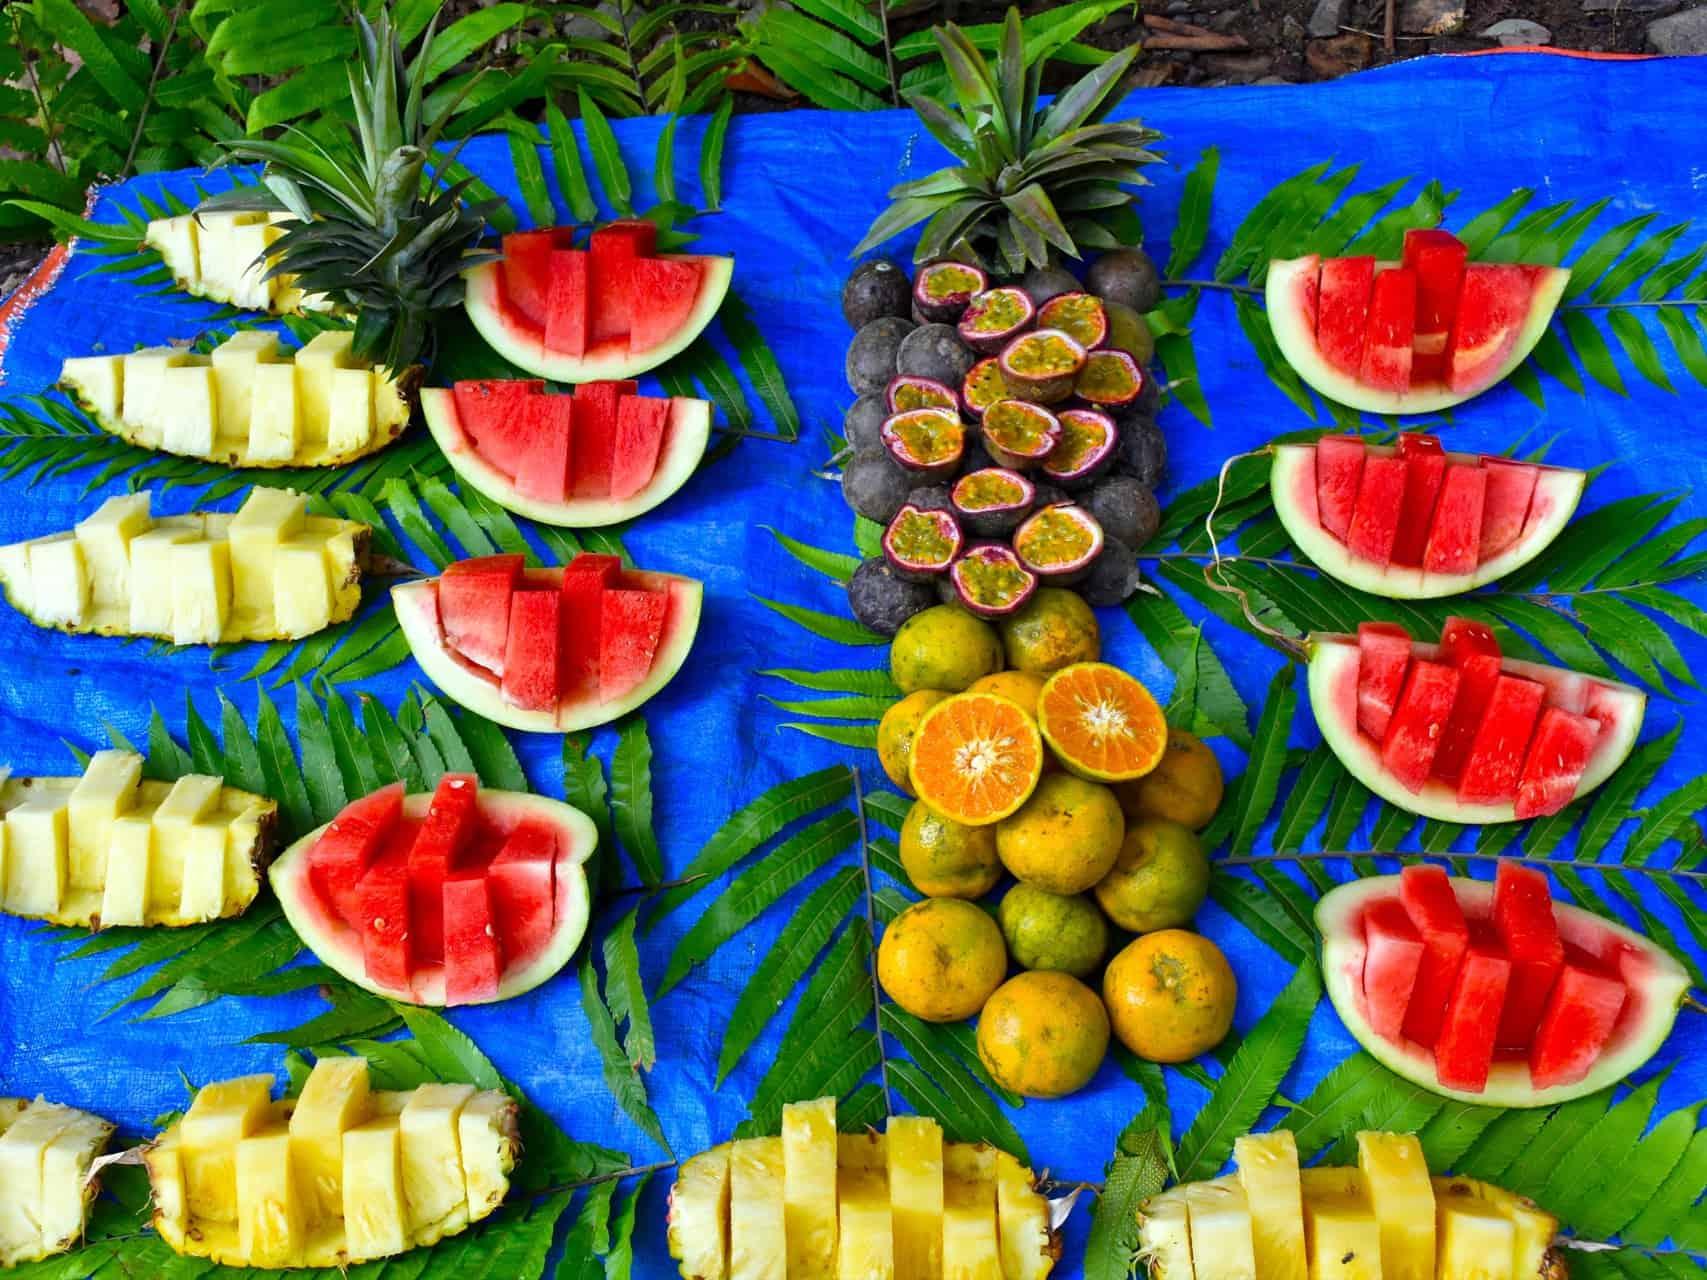 FRESH FRUITS - JUNGLE TREKKING - SUMATRA ECOTRAVEL